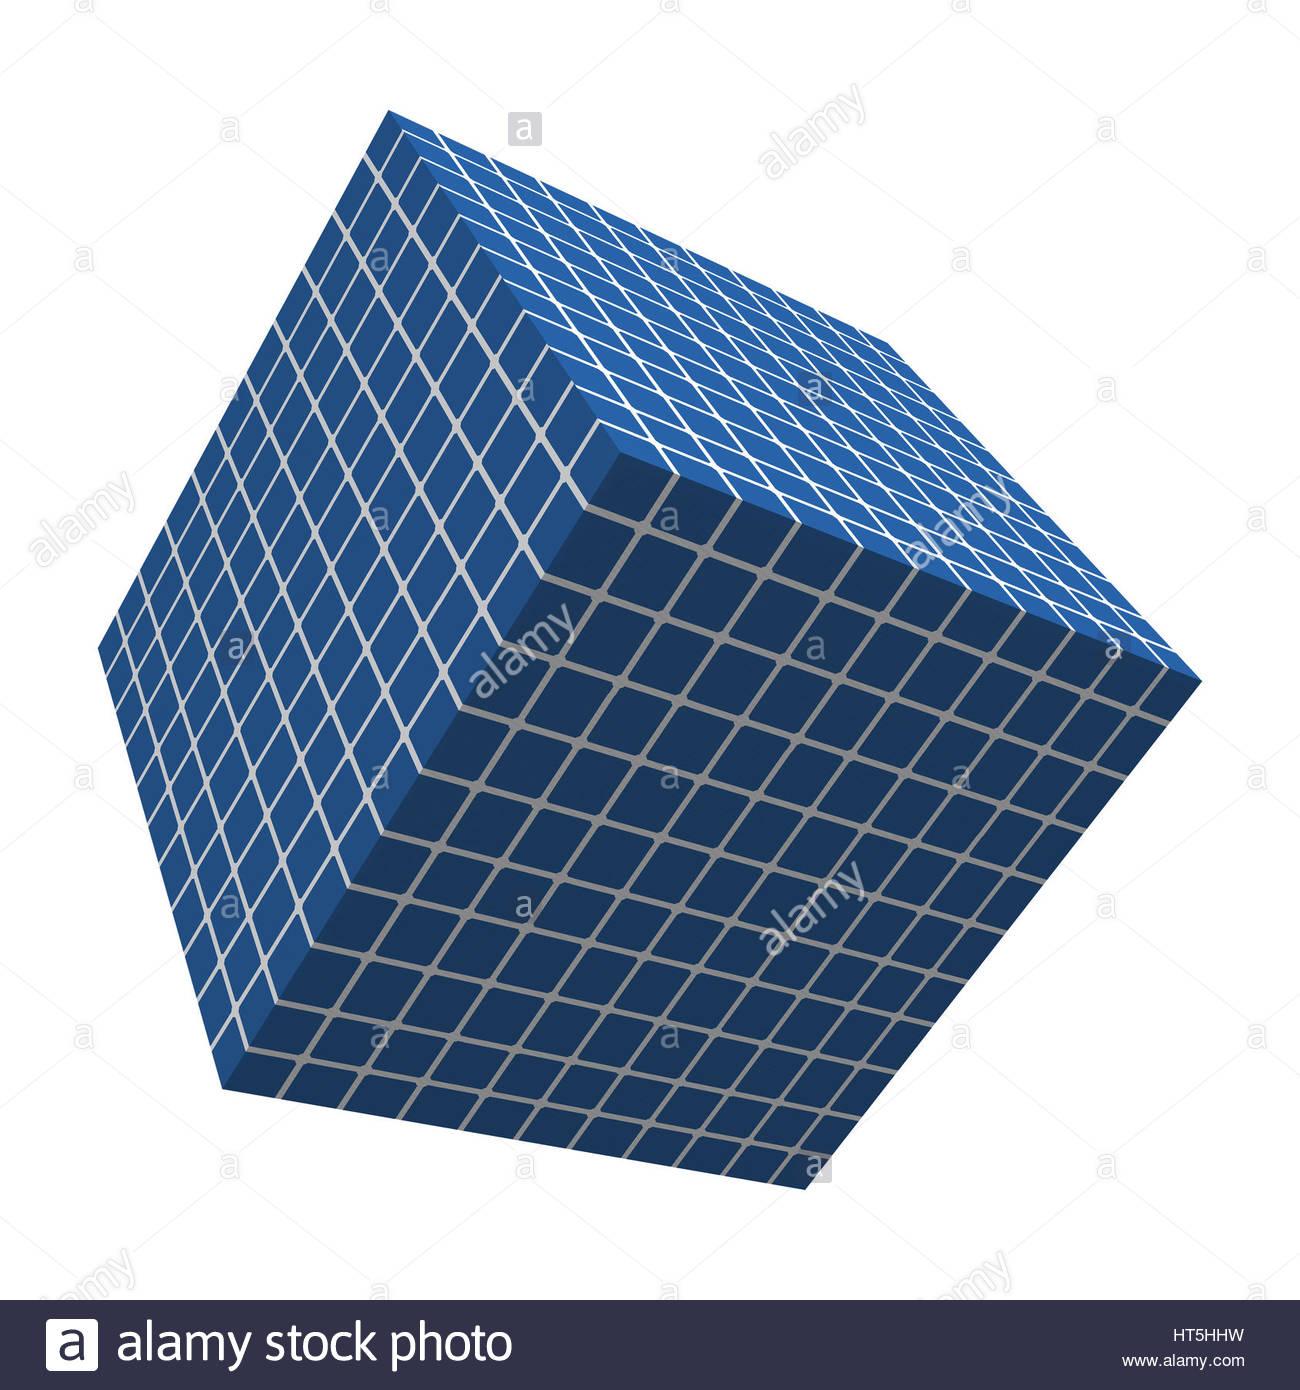 Cuboid Design Imágenes De Stock & Cuboid Design Fotos De Stock - Alamy